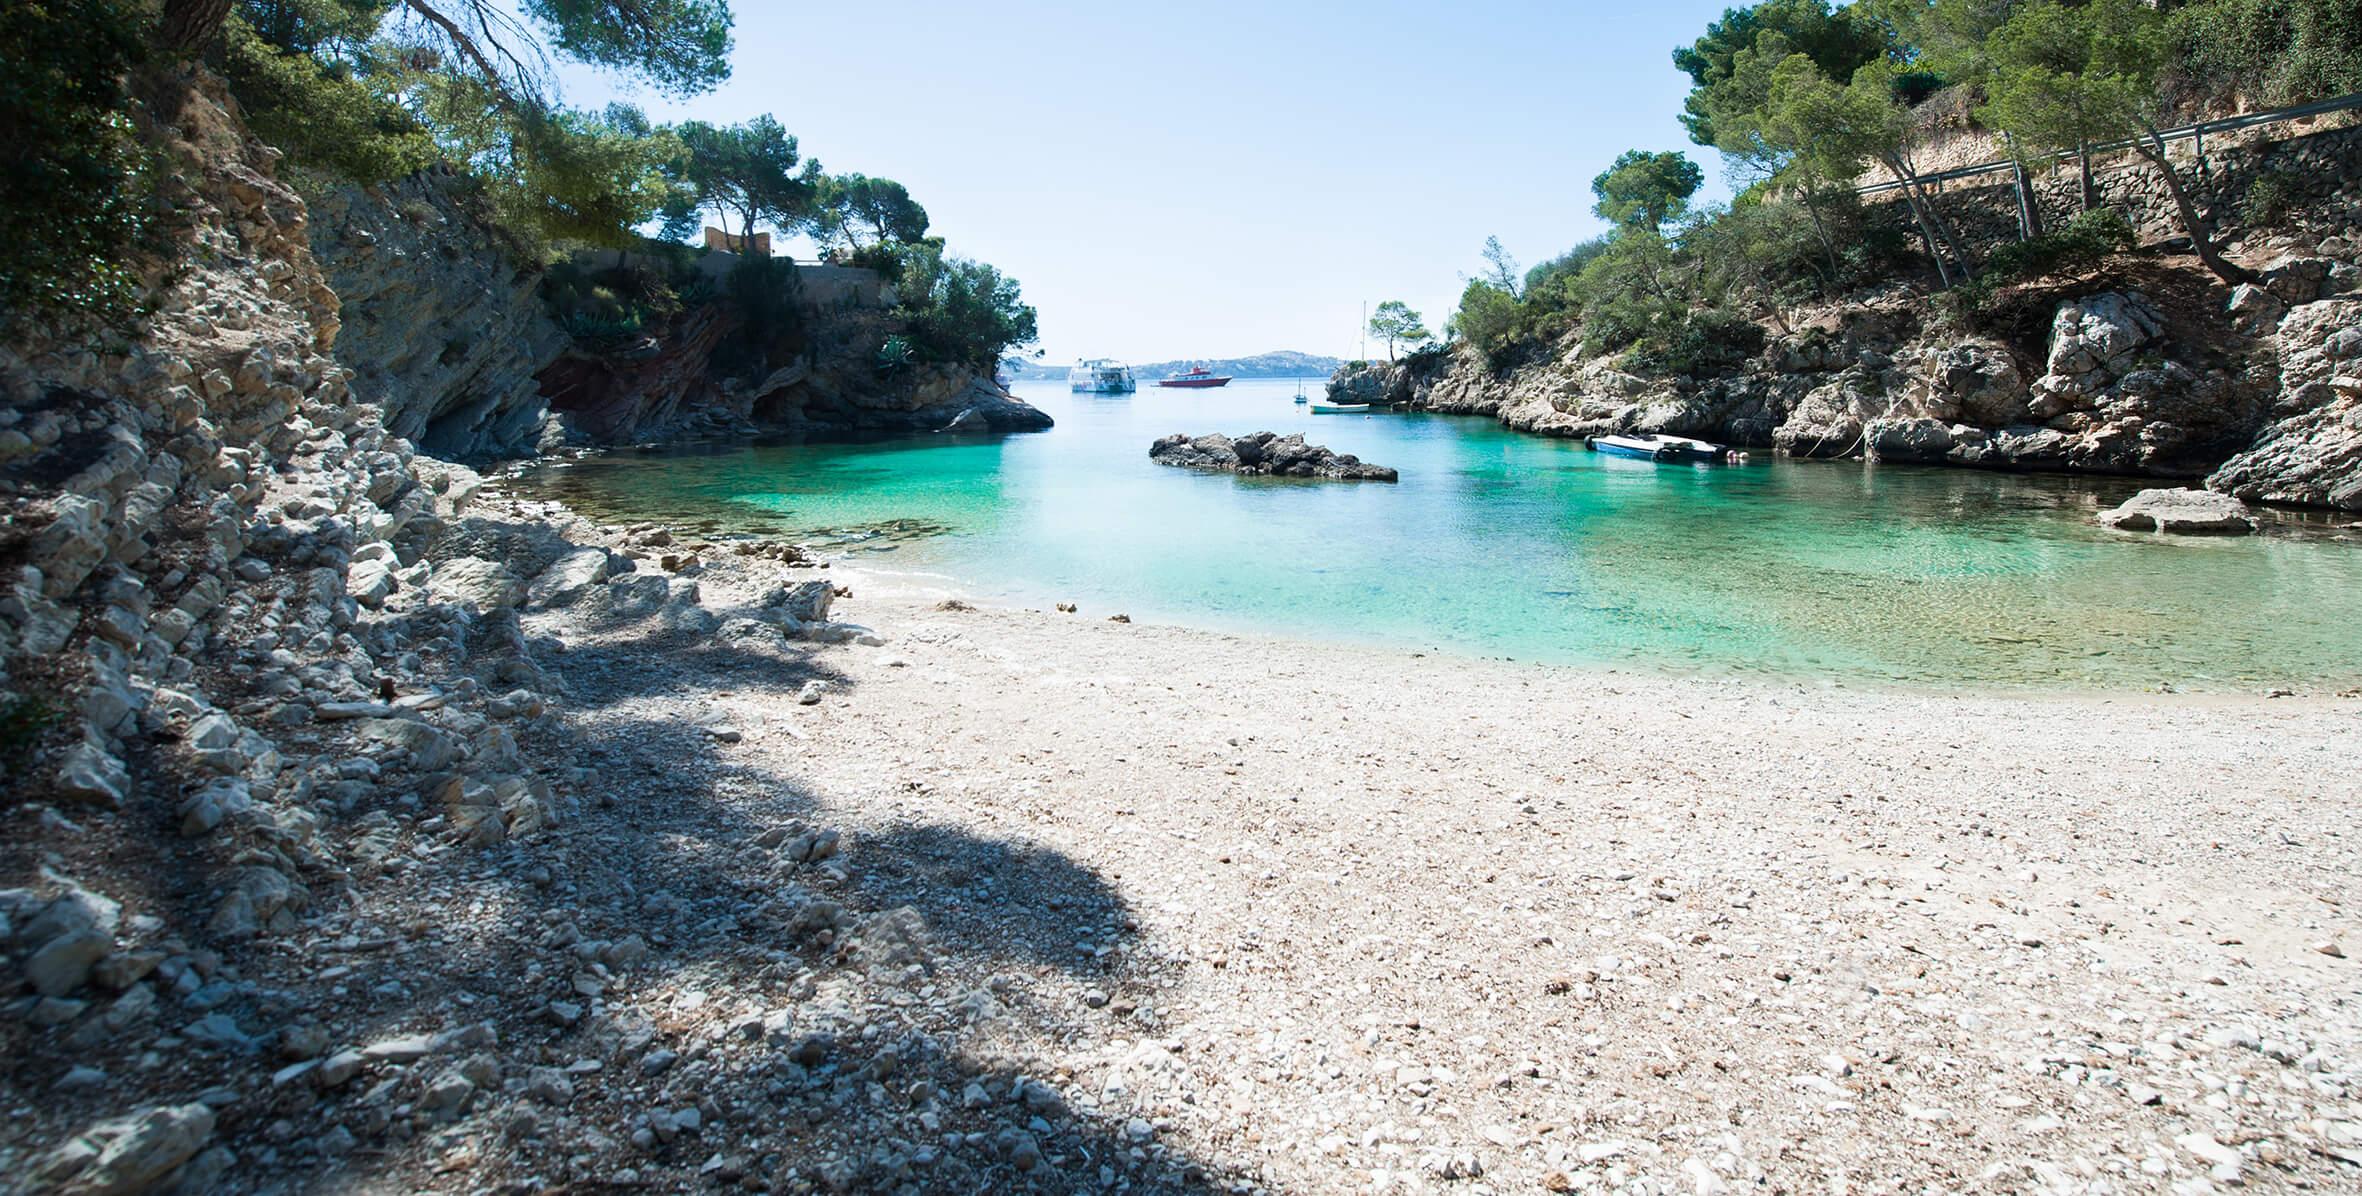 Caló de ses llises, Cala Fornells, Peguera, Mallorca, Spain